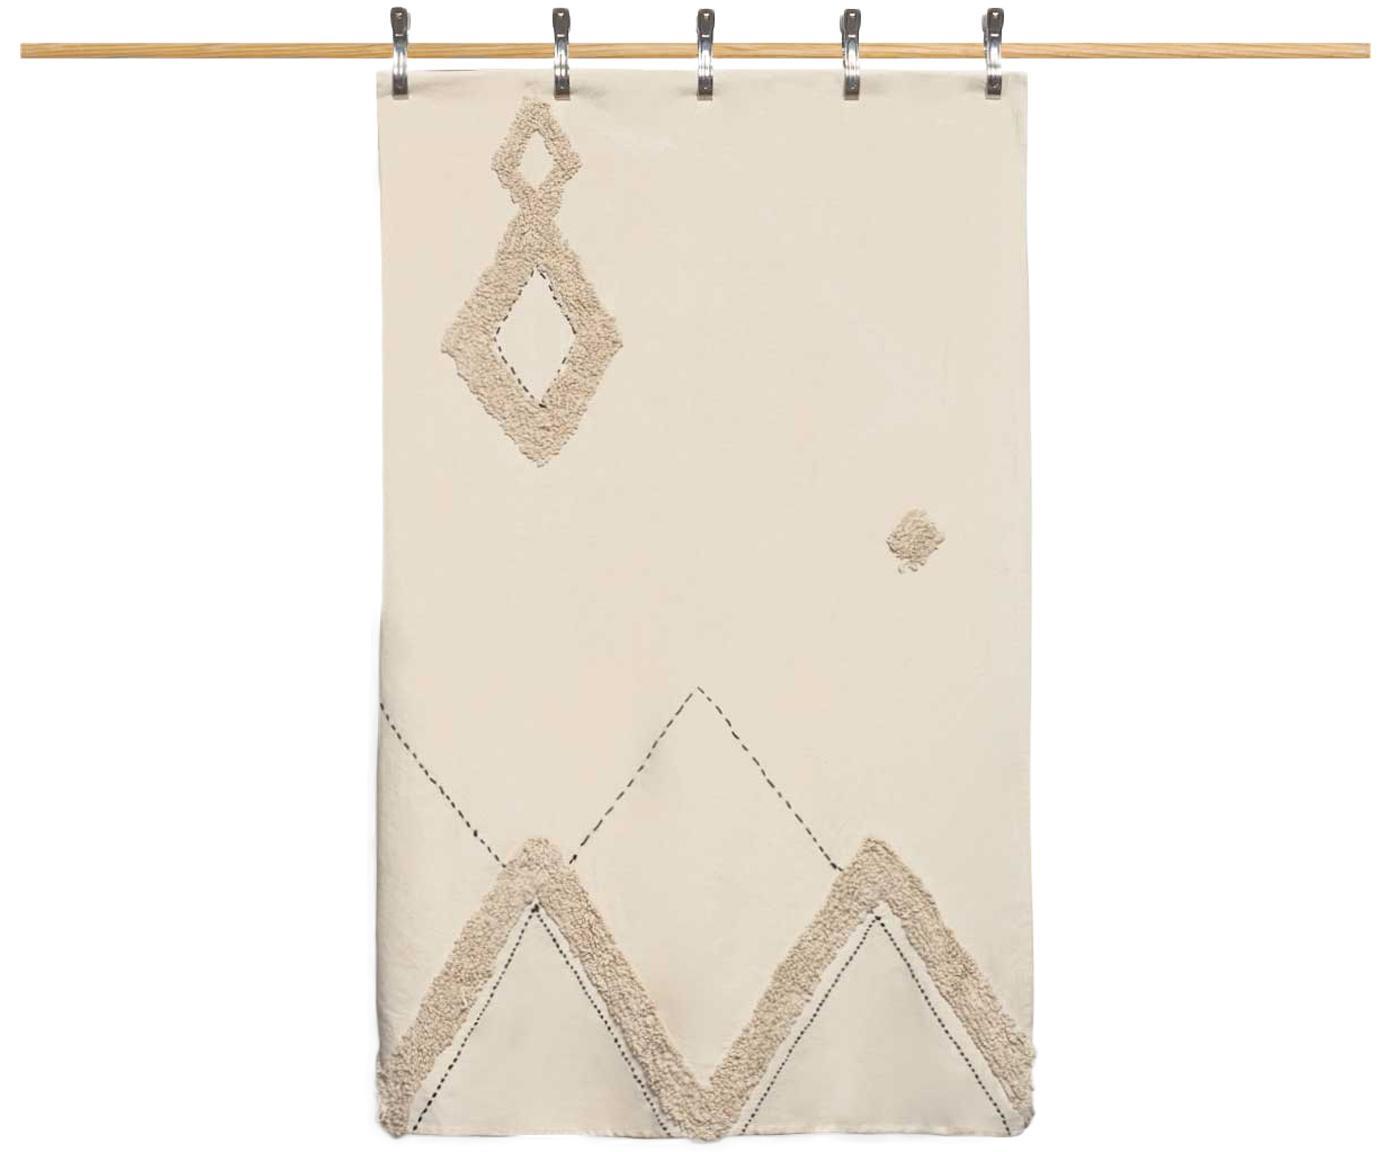 Tagesdecke Lienzo mit Hoch-Tief-Muster, 100% Baumwolle, Cremeweiß, Braun, 180 x 260 cm